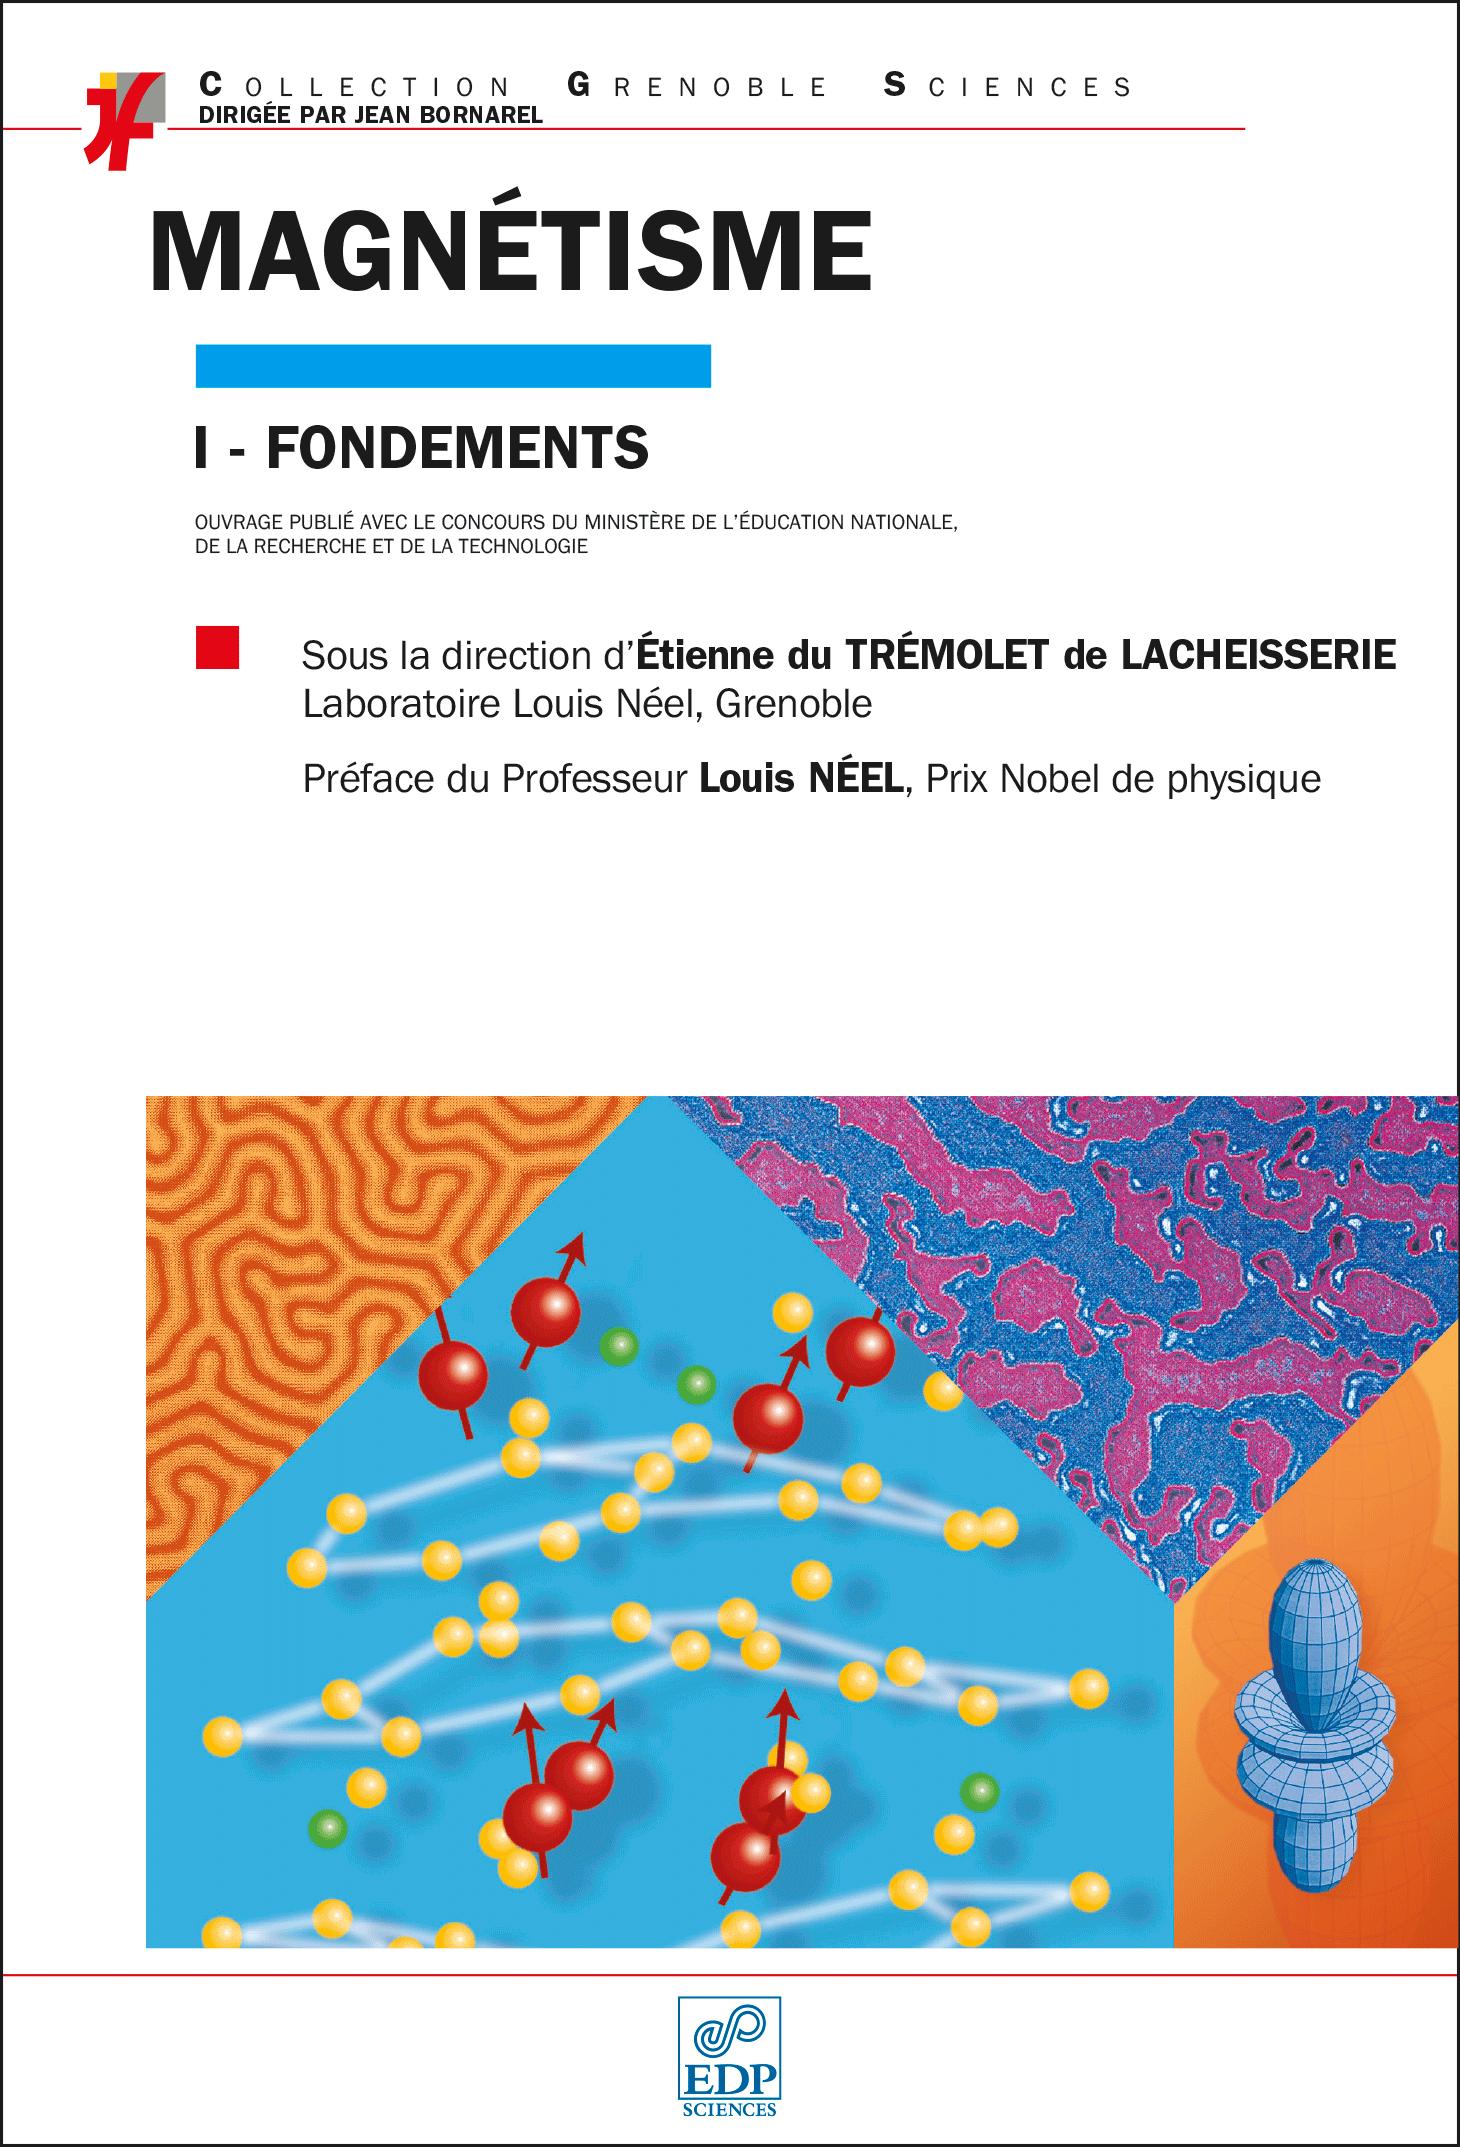 Cinétique enzymatique (Grenoble sciences) (French Edition)